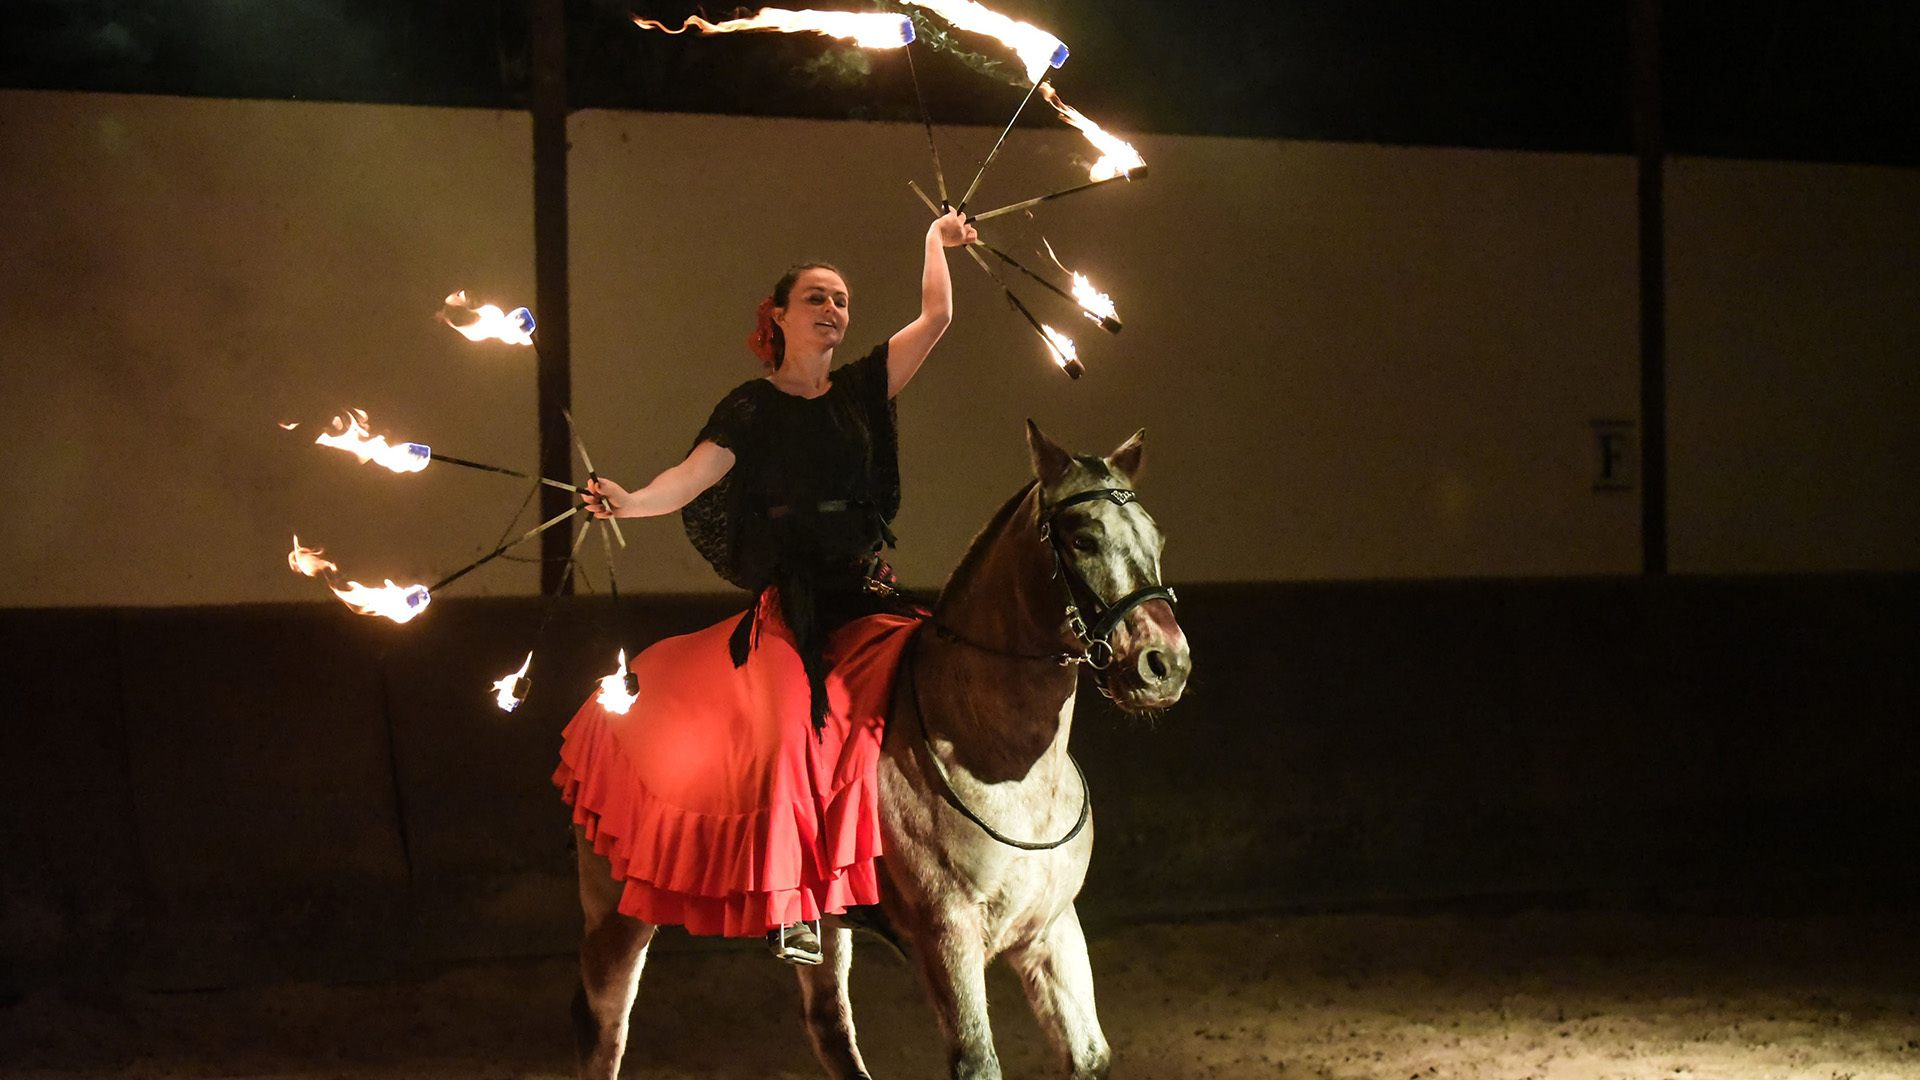 Les arts du feu en majesté à l'Ecomusée d'Alsace : Spectacle équestre